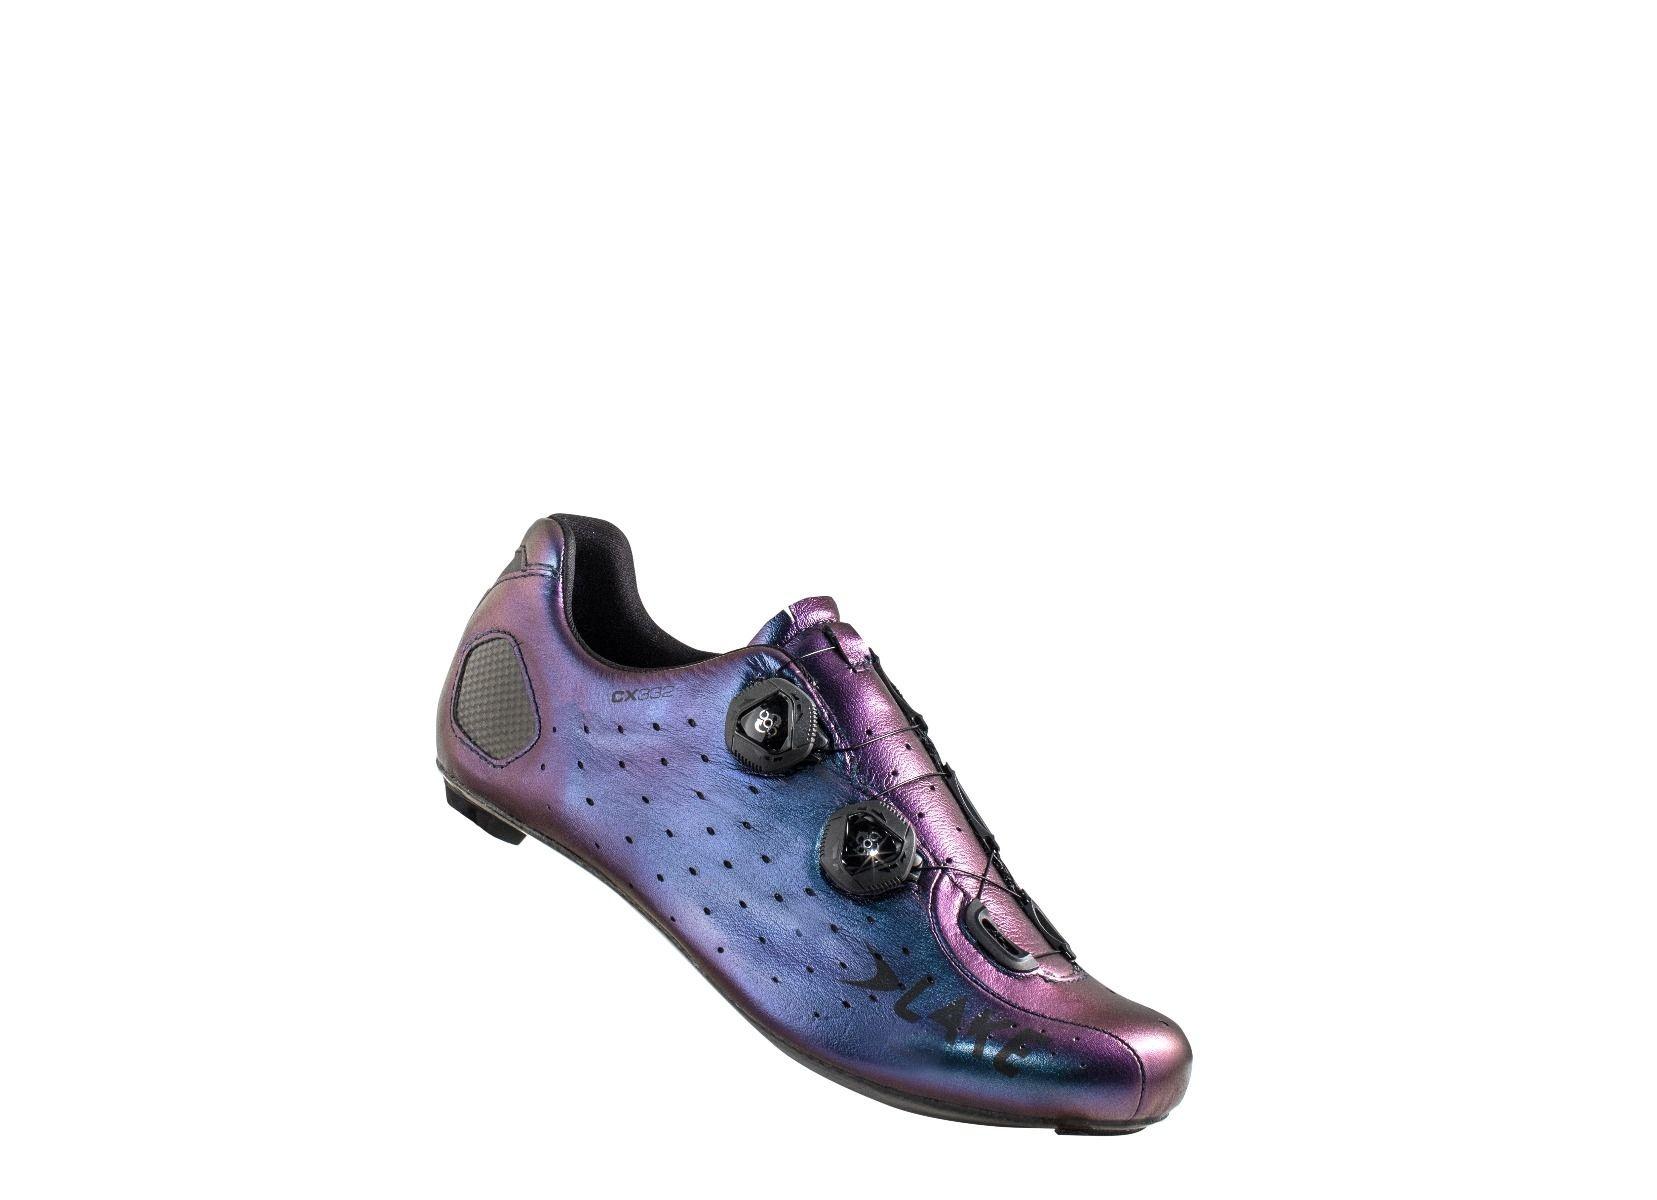 LAKE Lake CX332 Chameleon Blue 44 Cycling Shoes